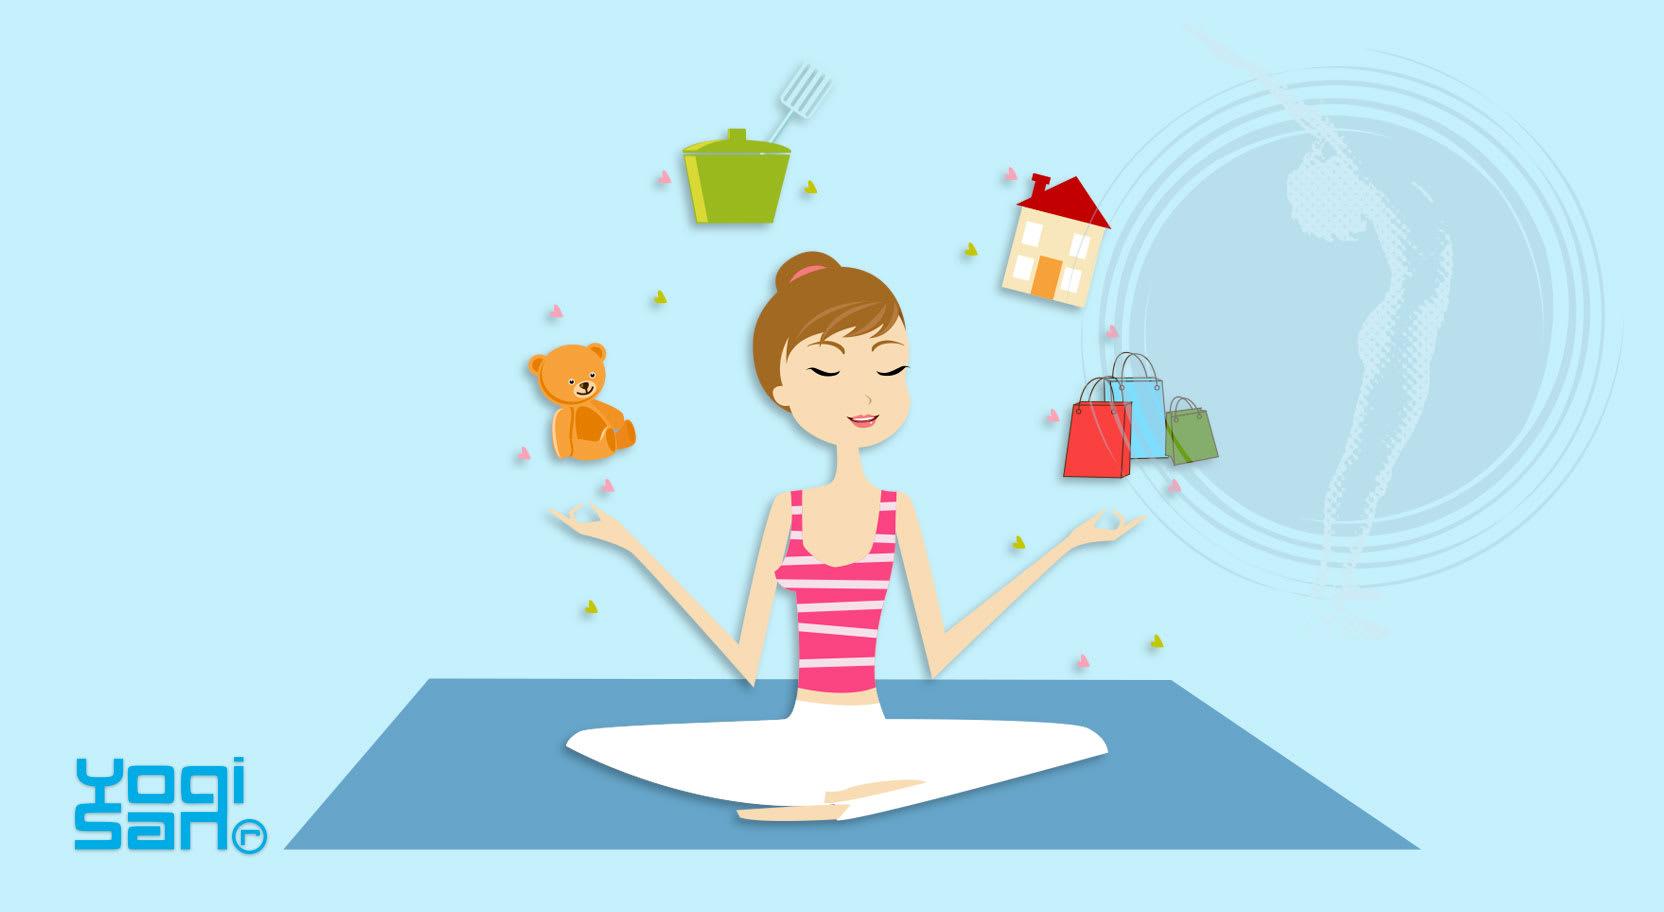 Ga aan de slag met yogisan